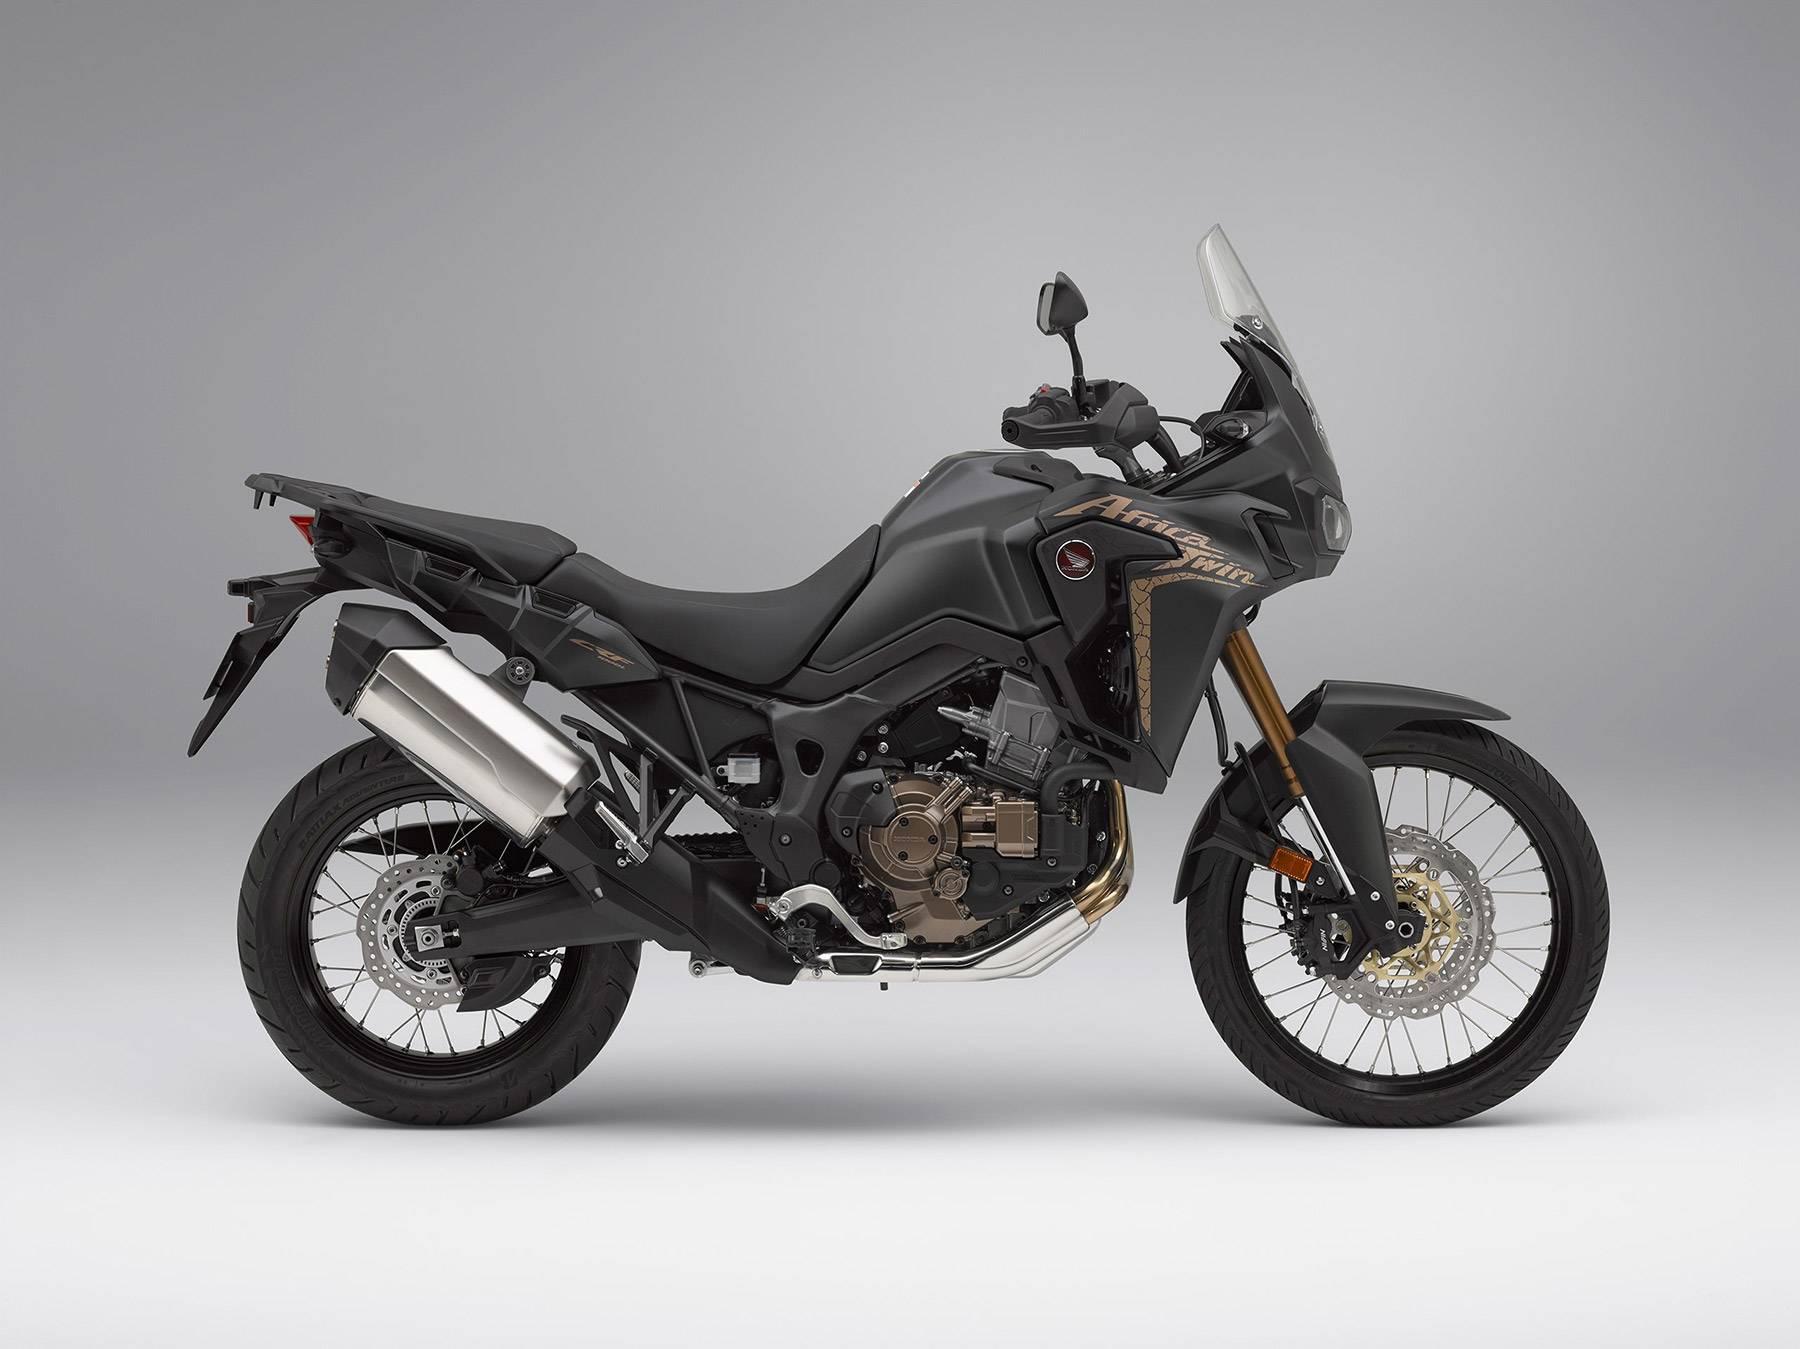 Honda Crf1000l Africa Twin 2018 Precio Fotos Ficha Técnica Y Motos Rivales